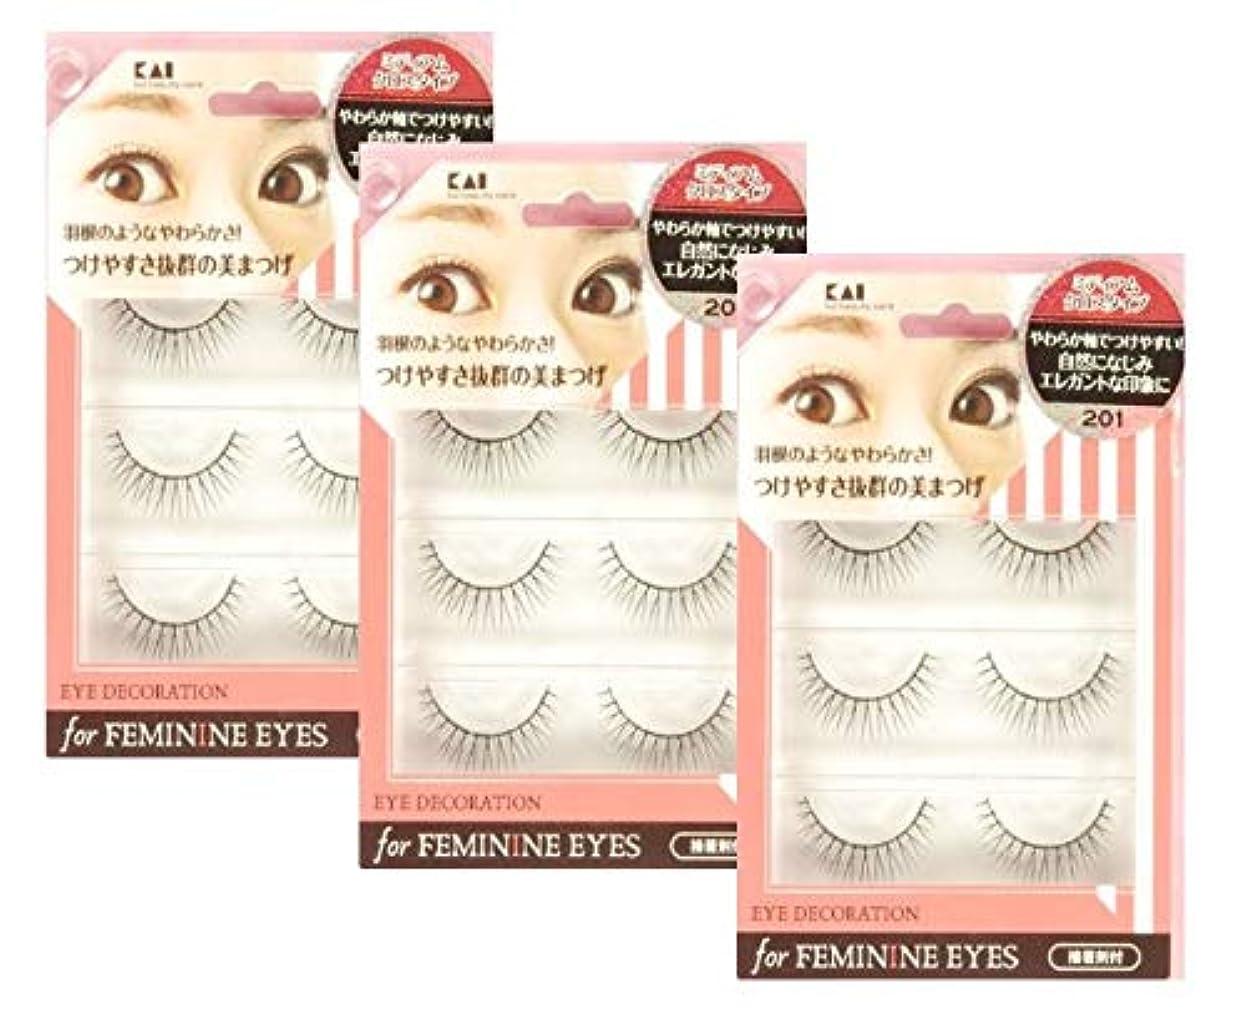 熱心希少性まっすぐ【まとめ買い3個セット】アイデコレーション for feminine eyes 201 ミディアムクロスタイプ